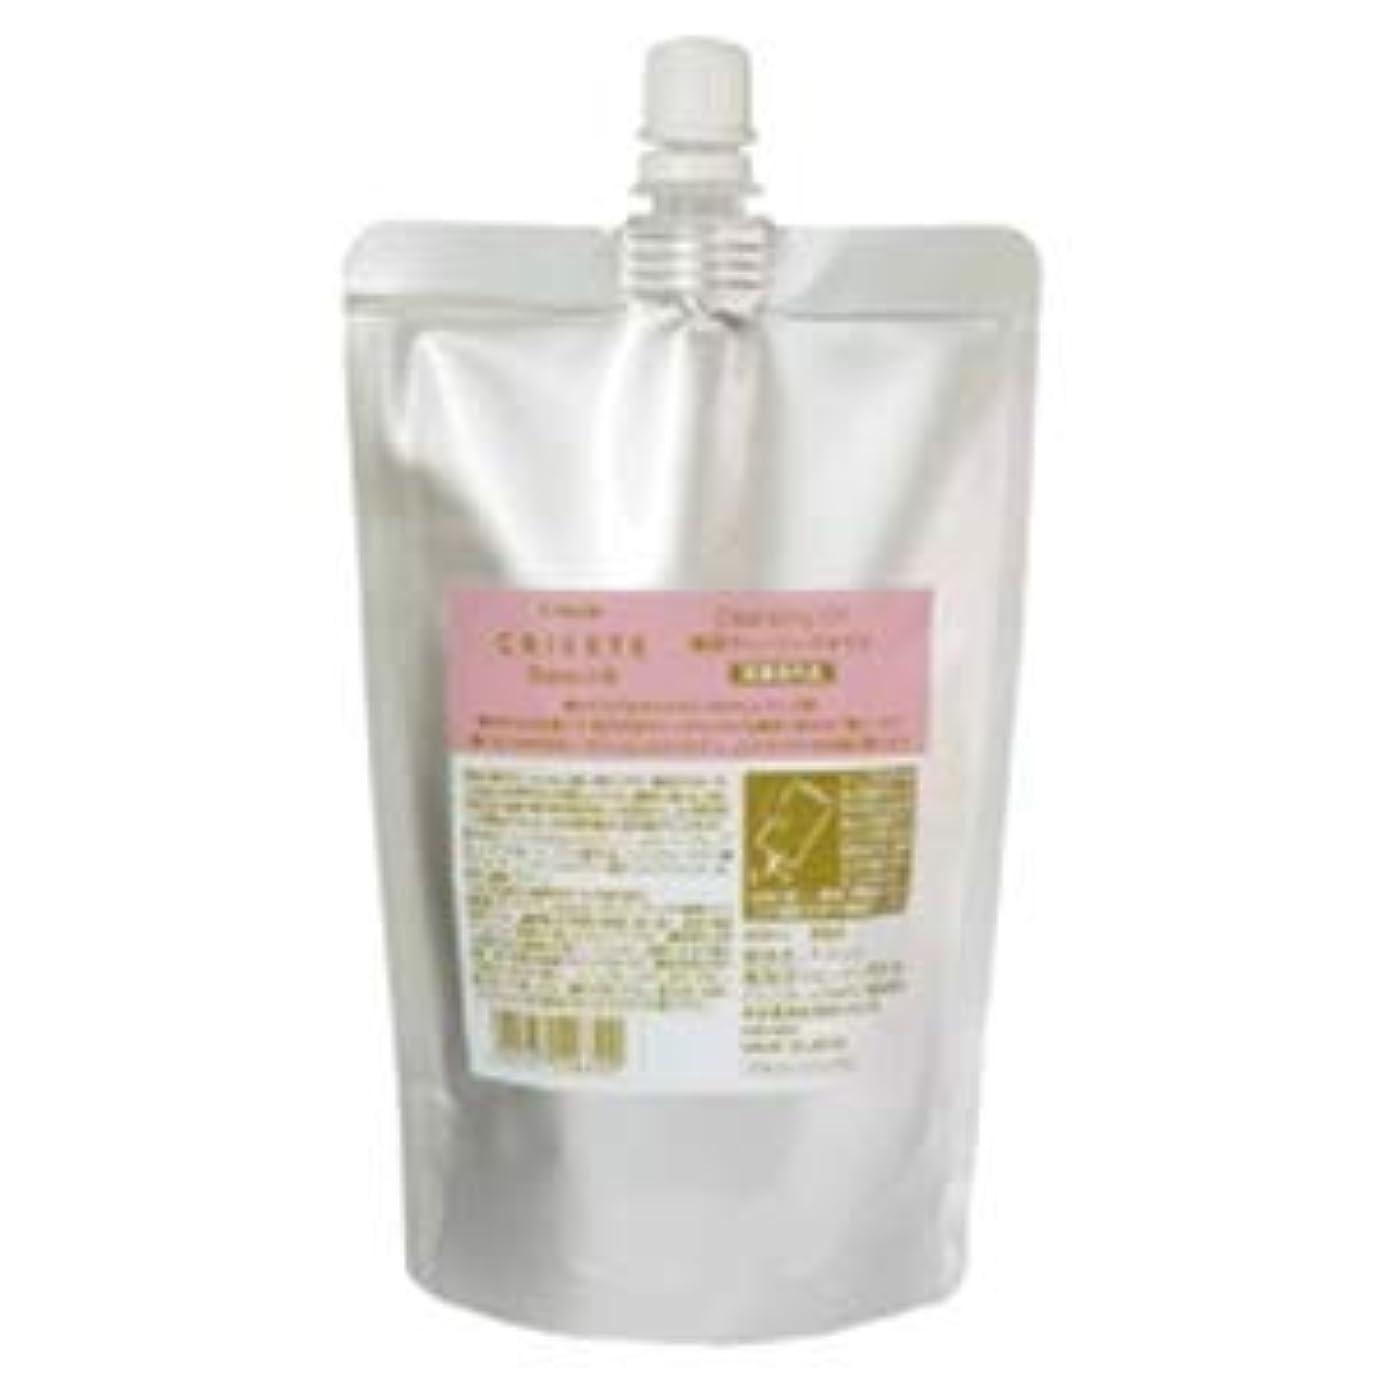 蜜小道ディスコクラシエ クリエステボーテ 薬用クレンジングオイル 200mL 詰替え用